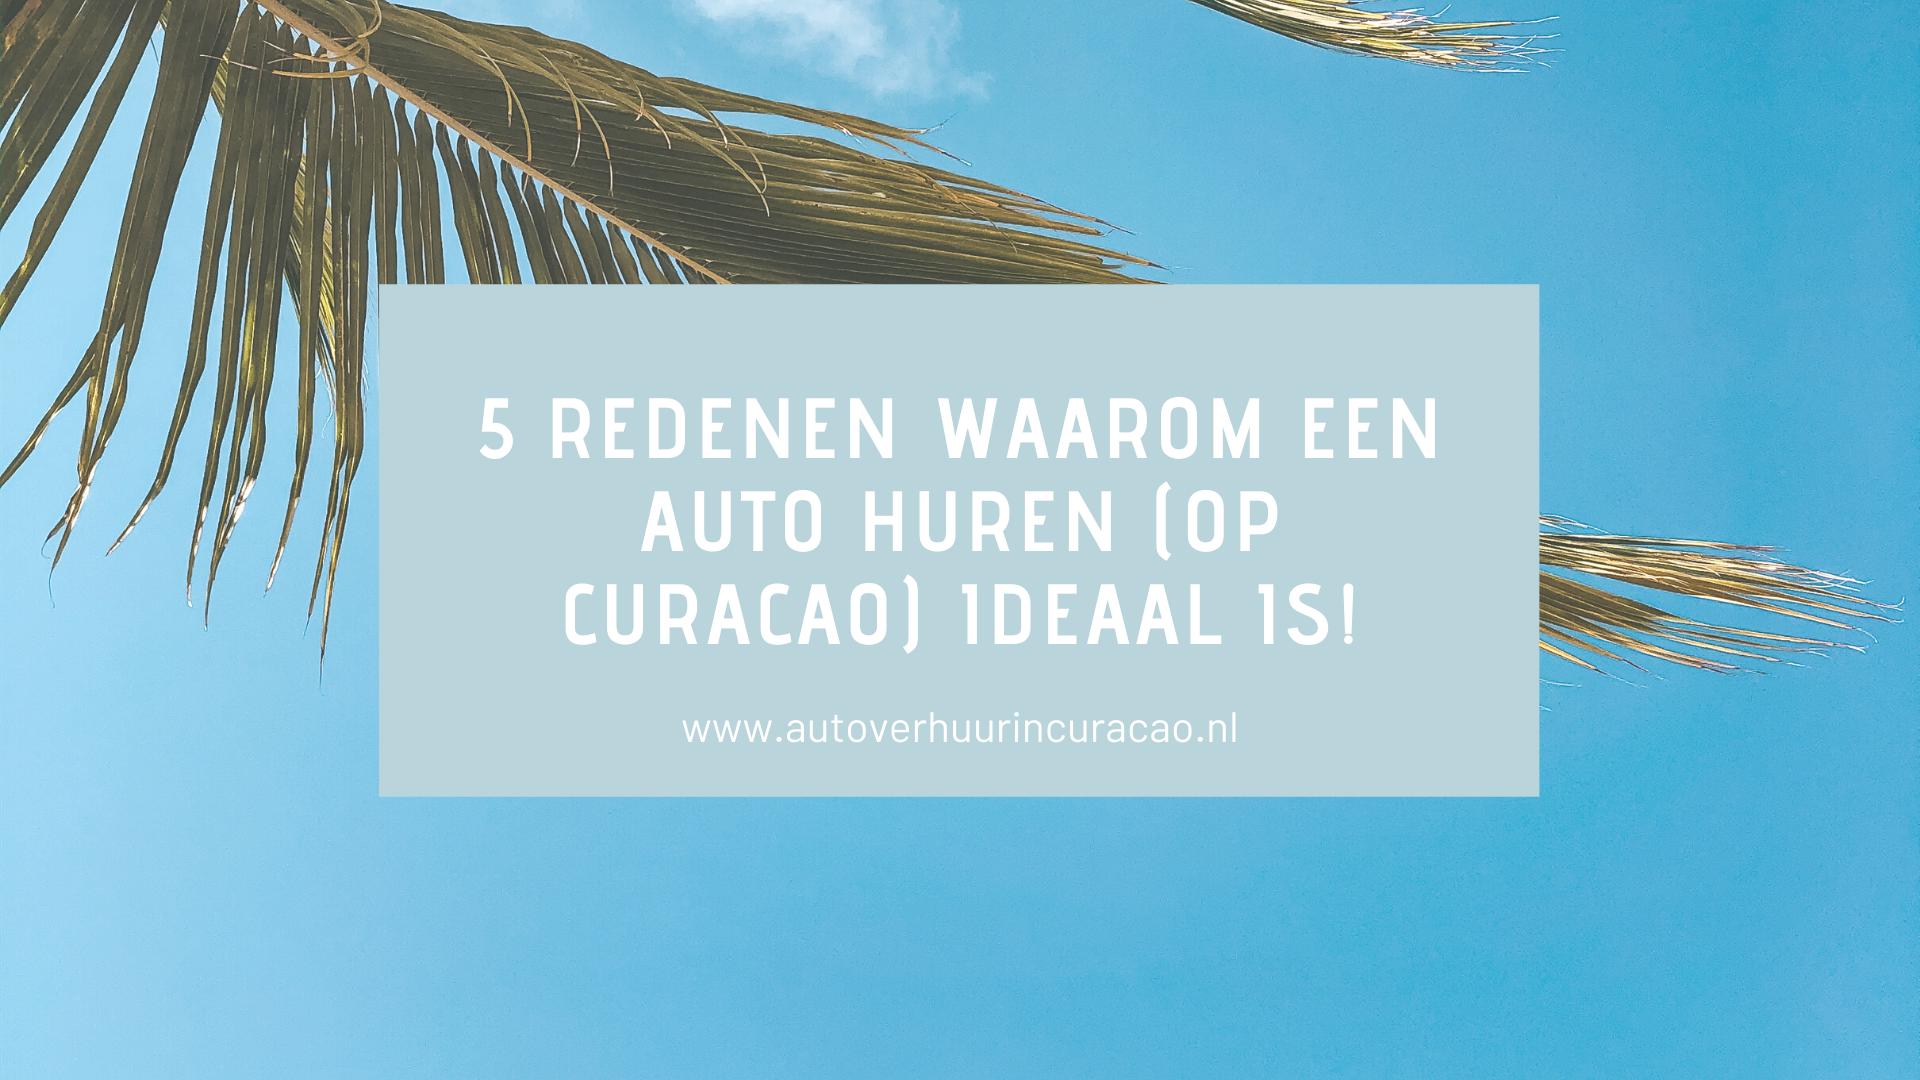 blog curacao 5 redenen om een auto te huren (op Curacao)